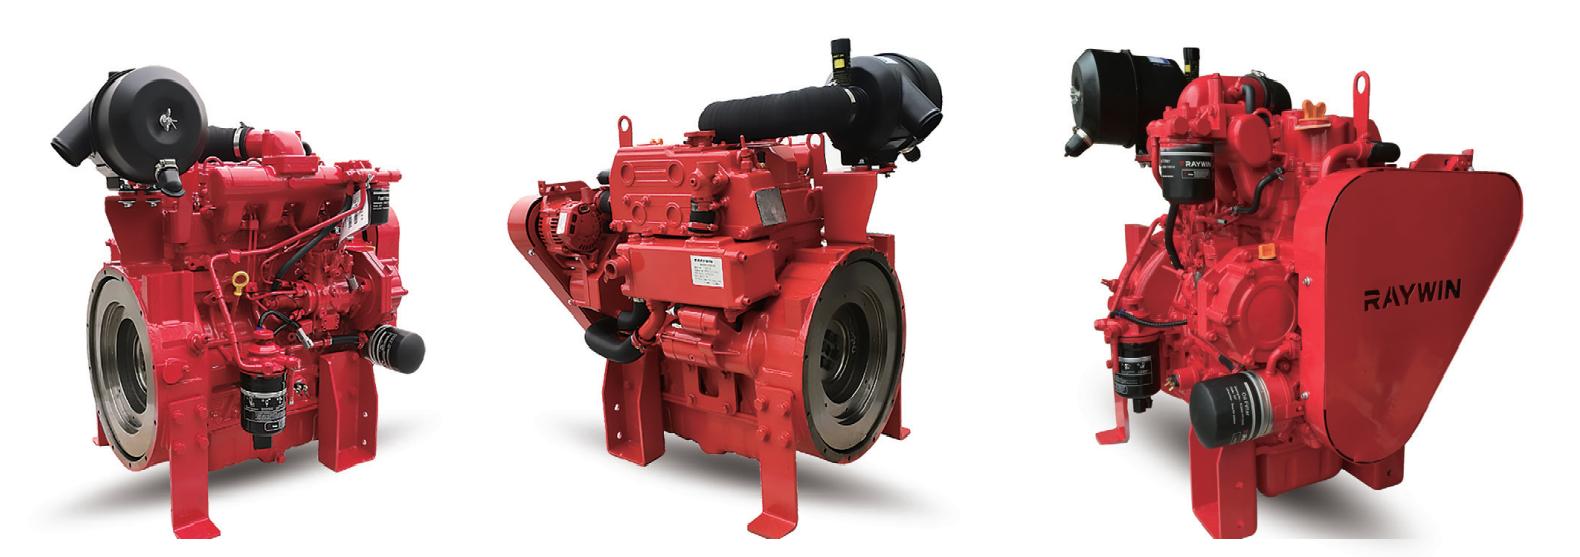 дизельные двигатели Raywin для систем пожаротушения